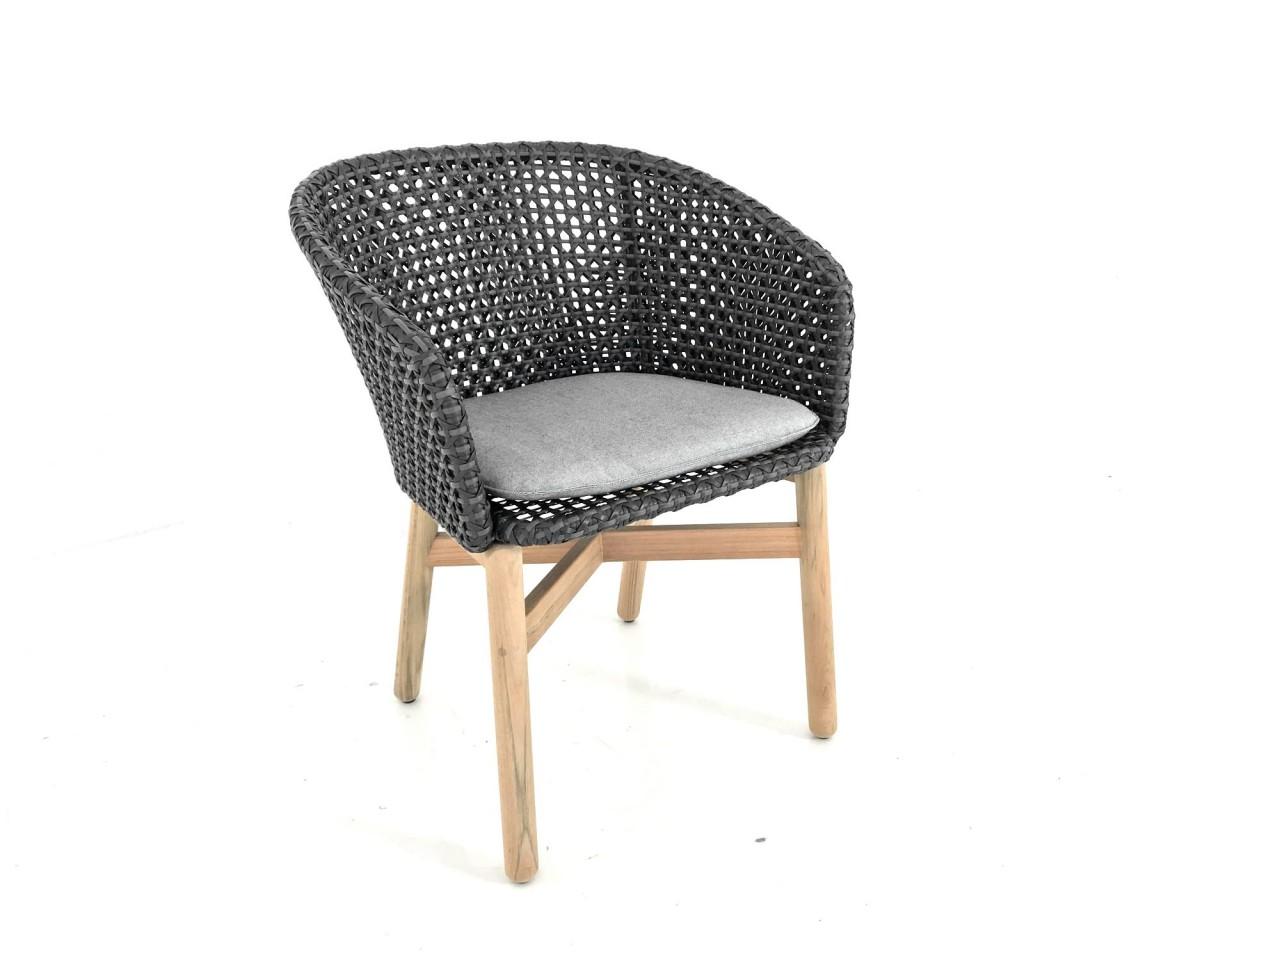 Dedon MBRACE ARMCHAIR Armlehnstuhl in der Farbe arabica mit Sitzkissen im Stoff 458 cool ash